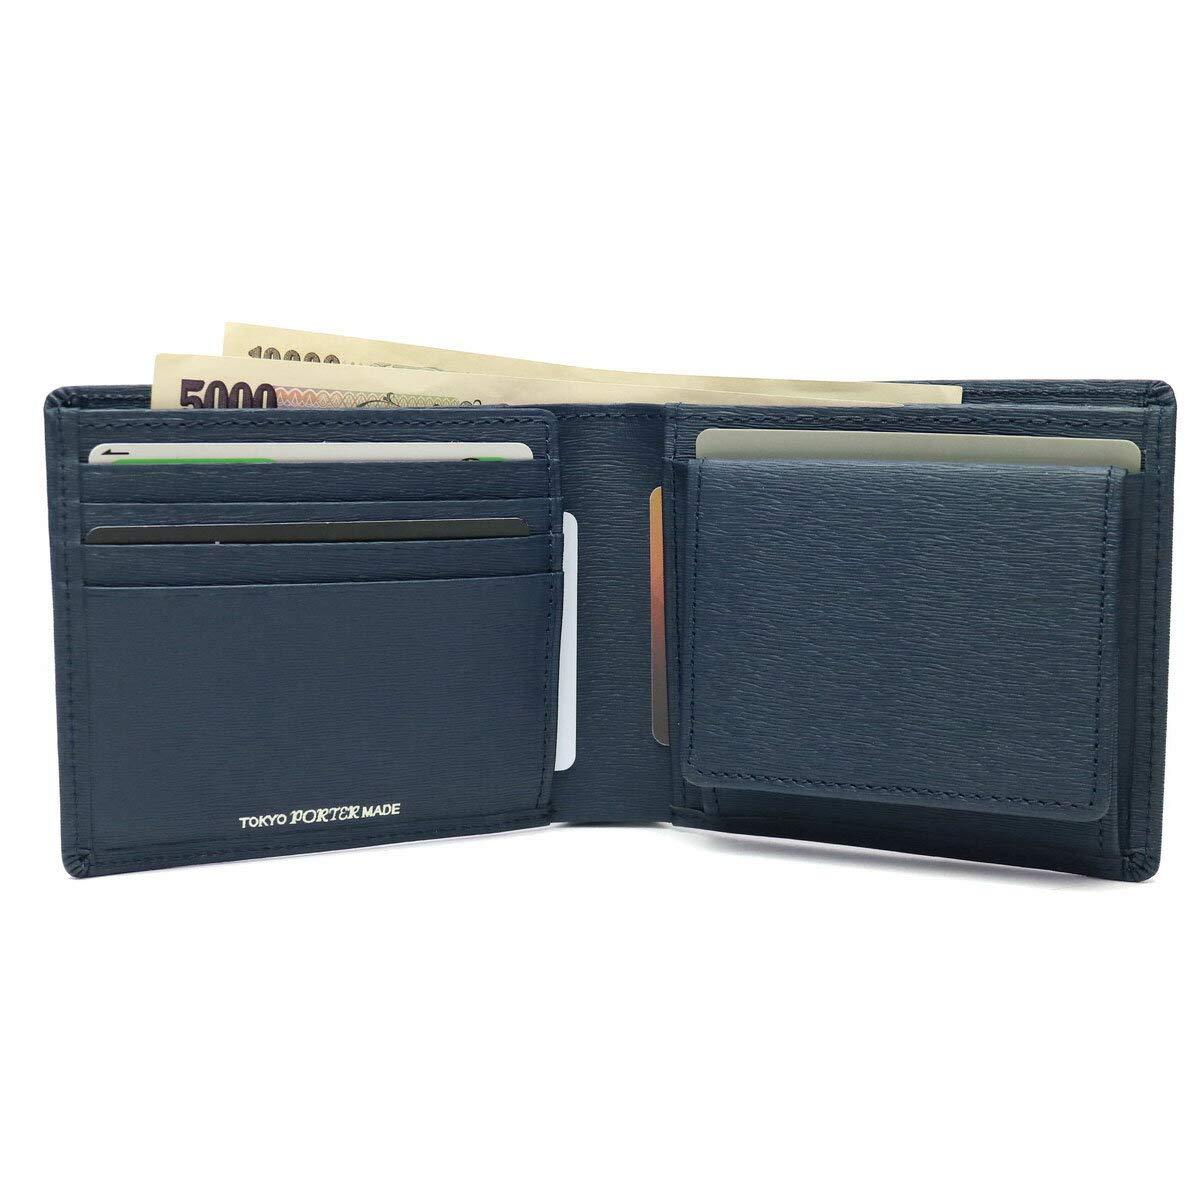 0a7c6336b509 Amazon   PORTER(ポーター) CURRENT カレント 二つ折り財布 052-02204 ブラック   財布